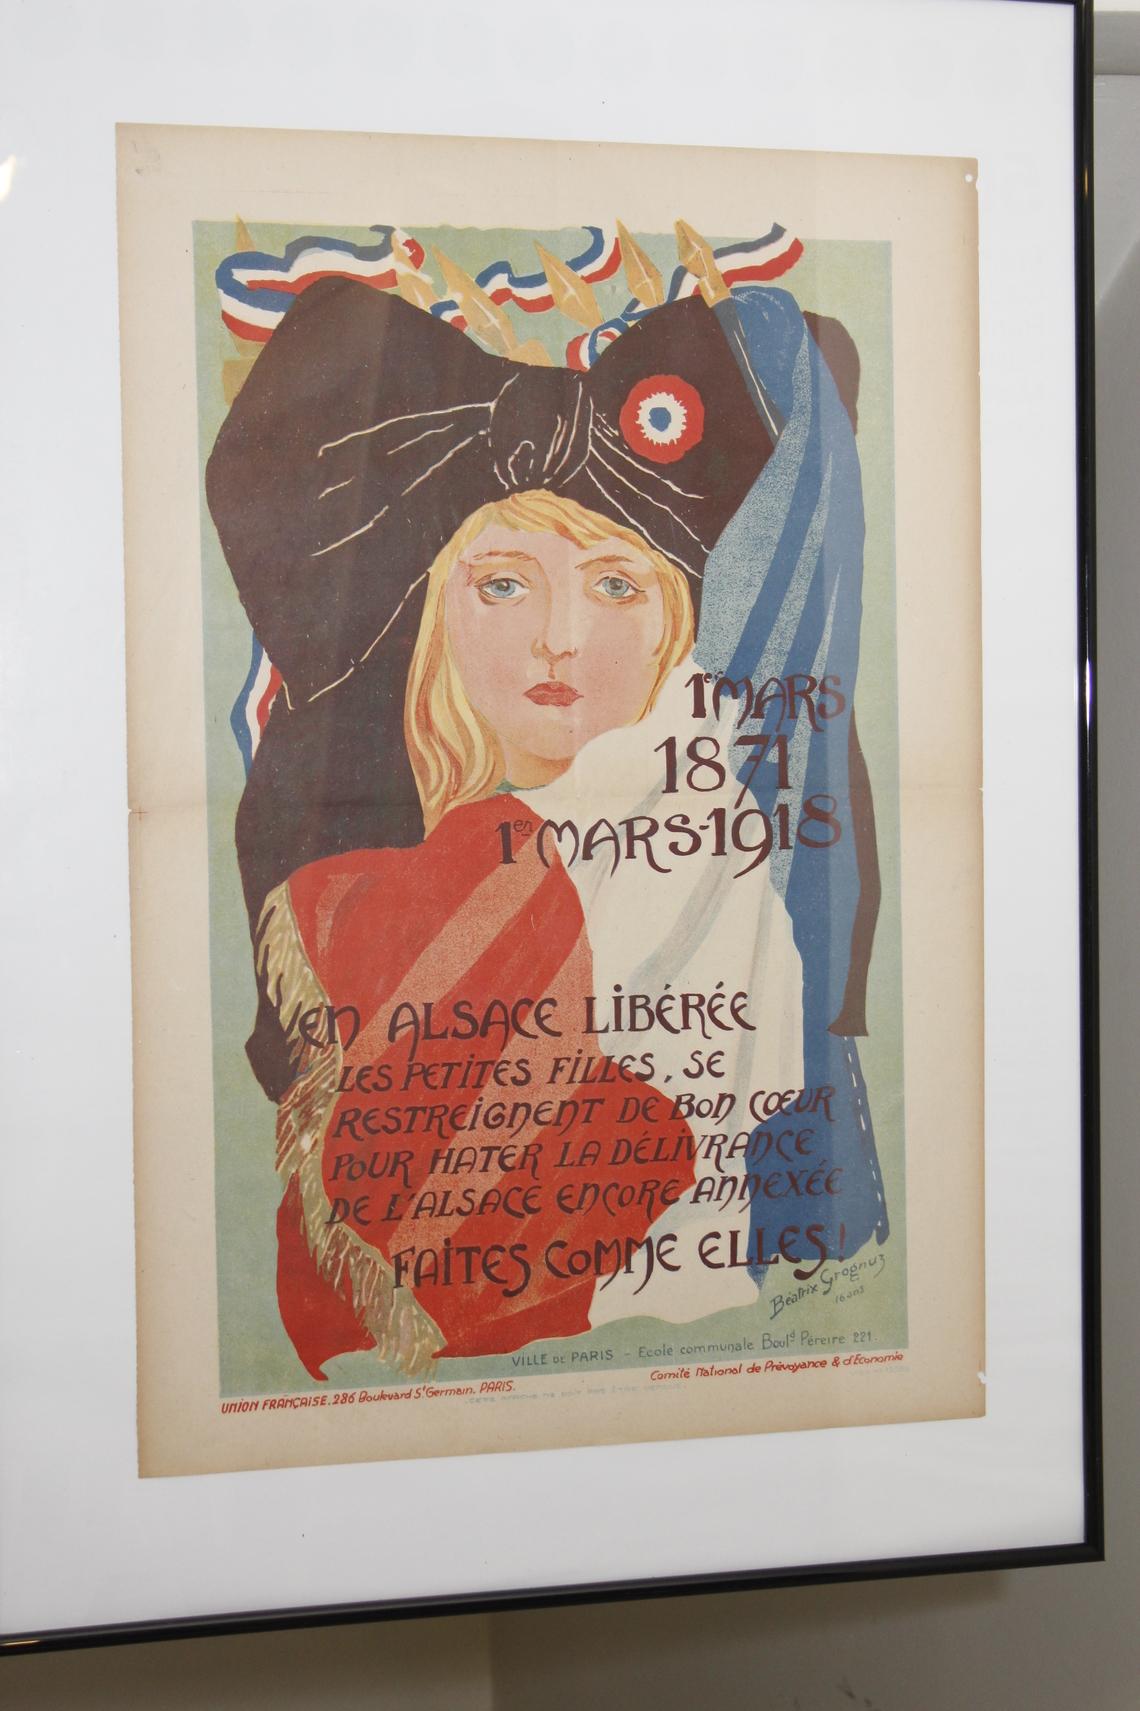 1er mars 1871, 1er mars 1918 : en Alsace libérée les petites filles, se restreignent de bon cœur pour hâter la délivrance de l'Alsace encore annexée. Faites comme elles ! Toutes les ressources graphiques sont employées par l'artiste (Béatrix Grognuz) pour mobiliser, montrant la tête d'une fille dans le costume alsacien avec un drapeau français drapé autour d'elle.